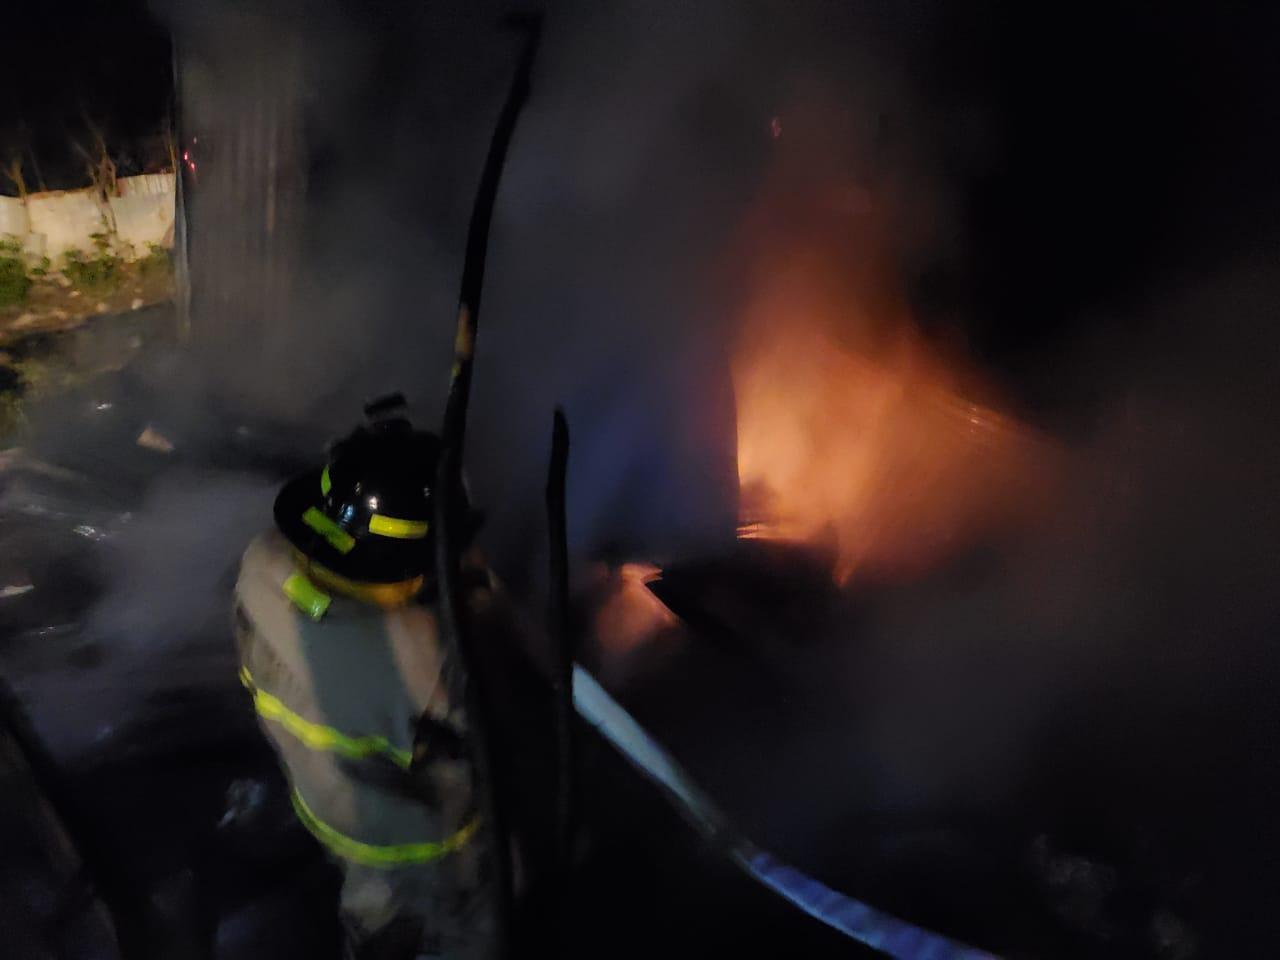 ¡Anciano de 75 años! muere calcinado  tras incendiarse su vivienda en La Rivera Hernández